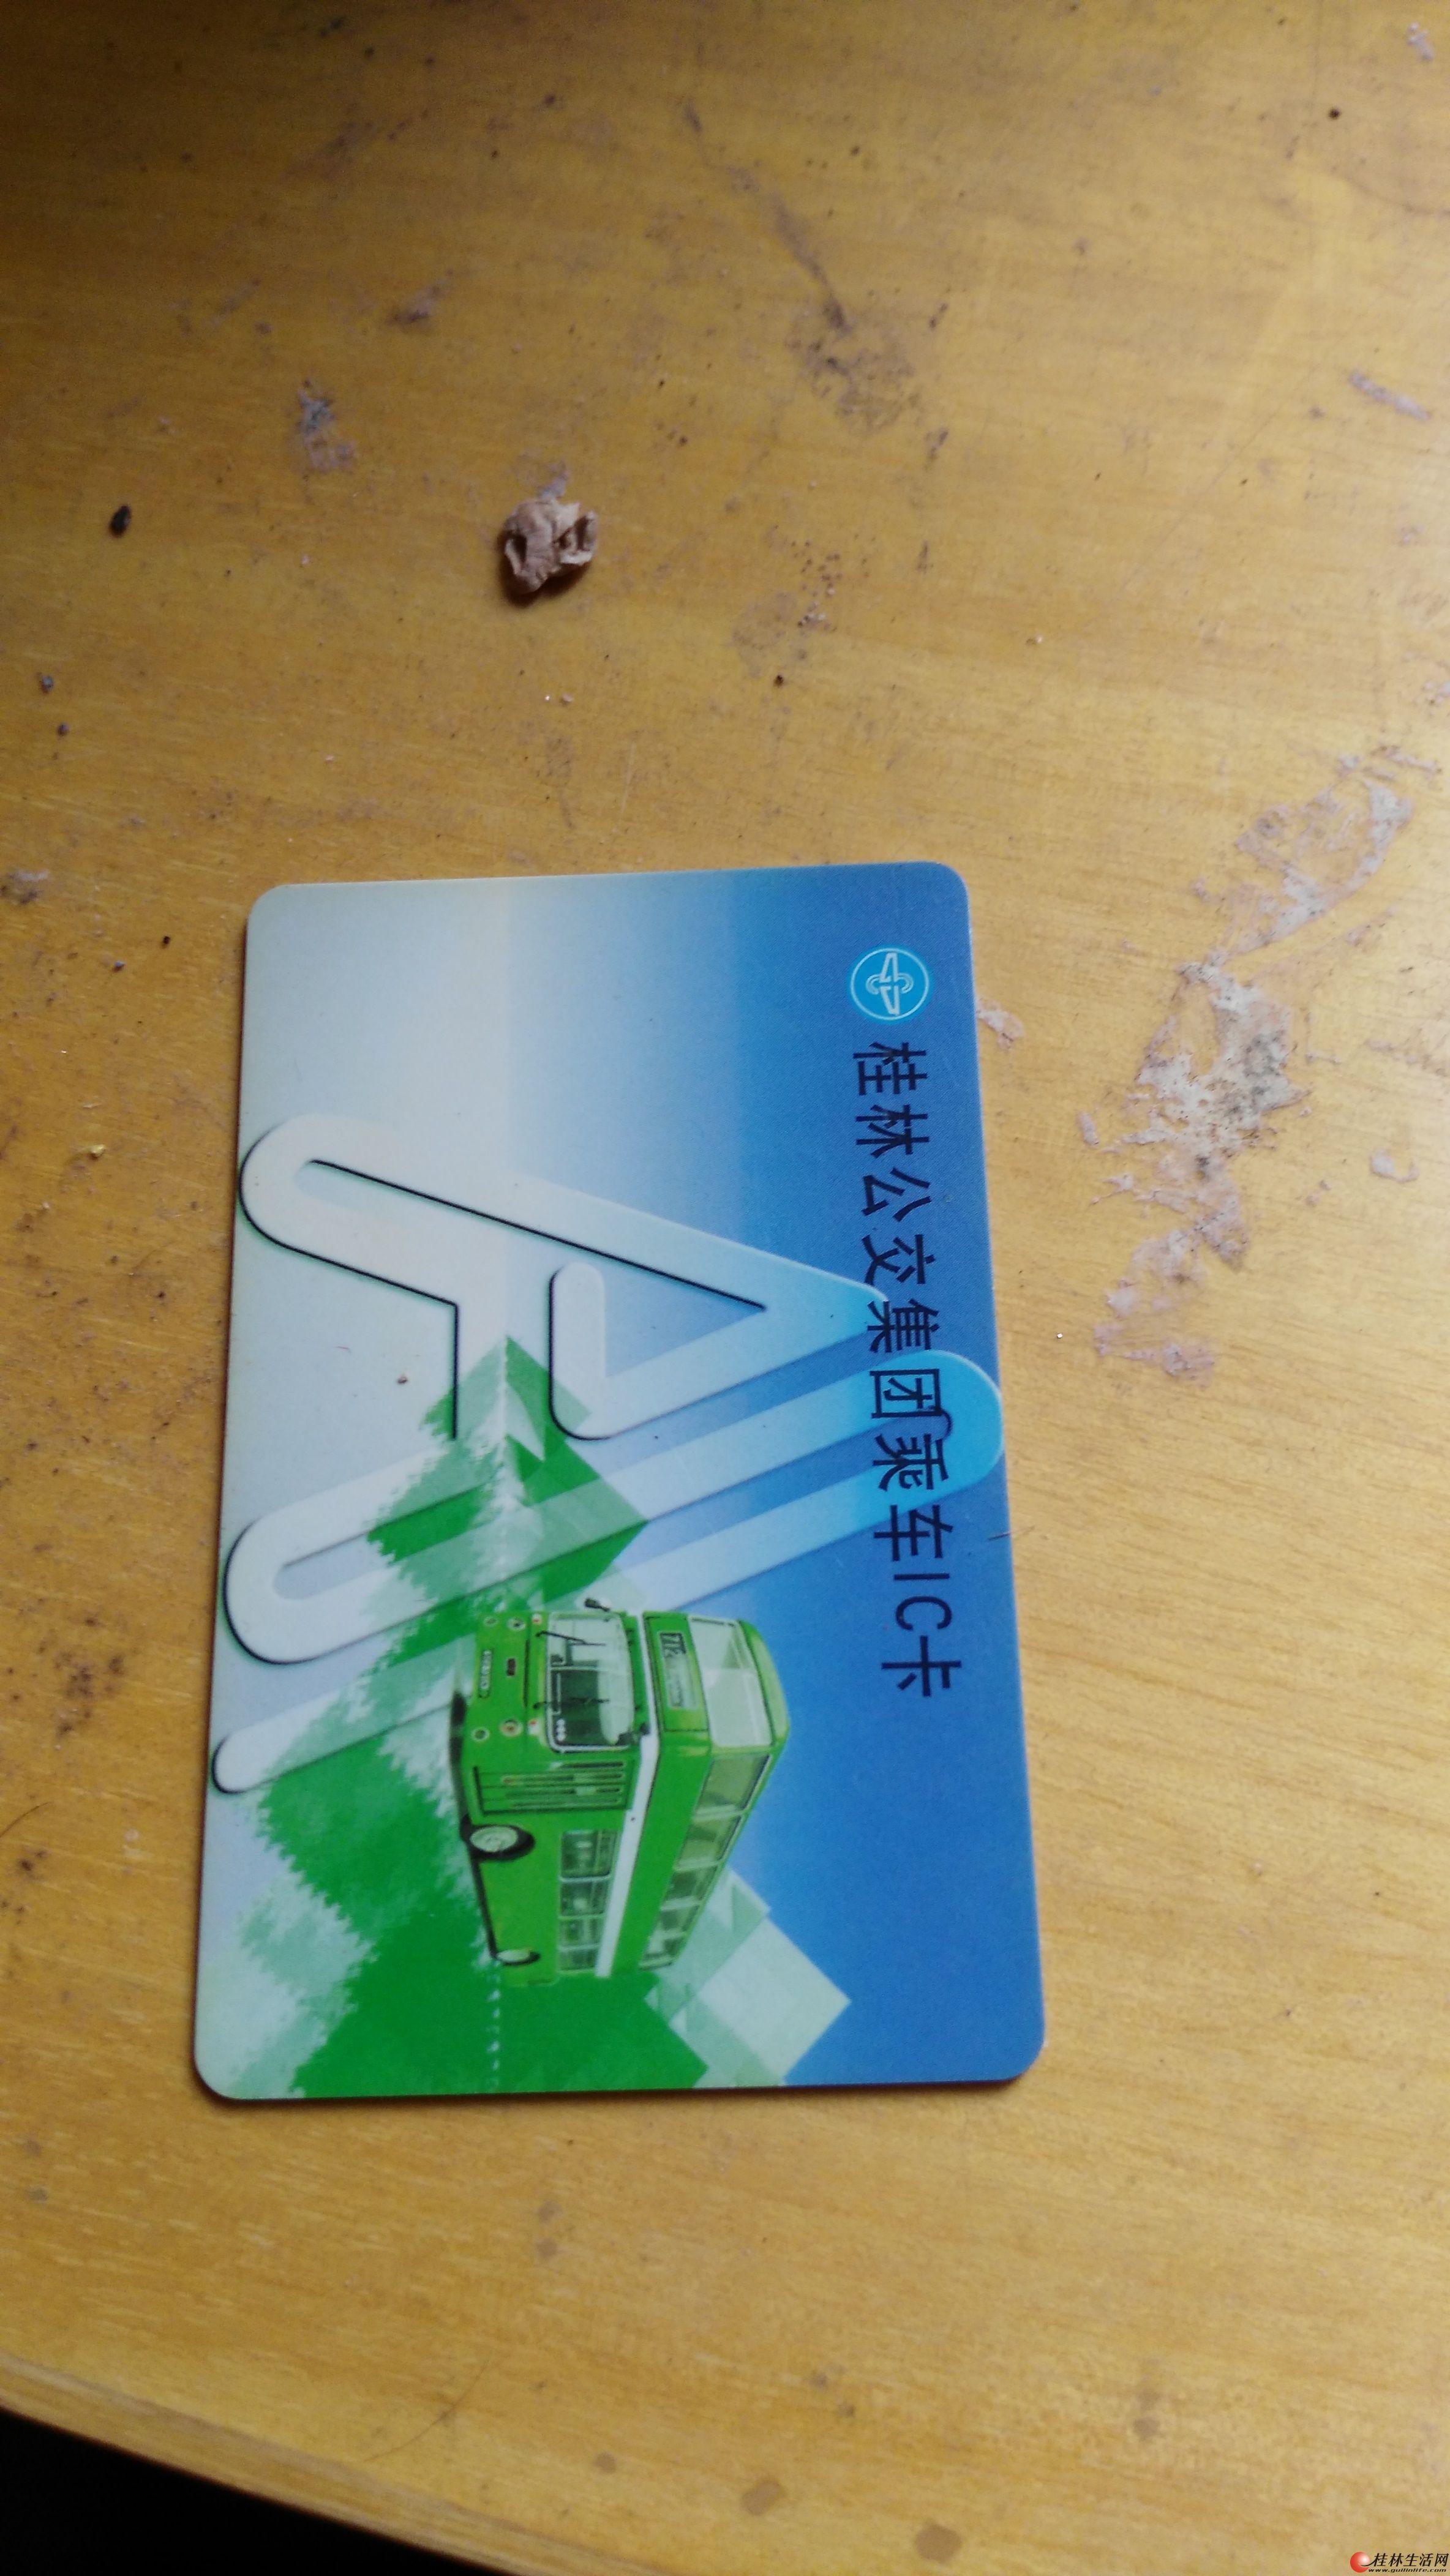 出一張公交A卡,需要的帶價聯係微信13367831104